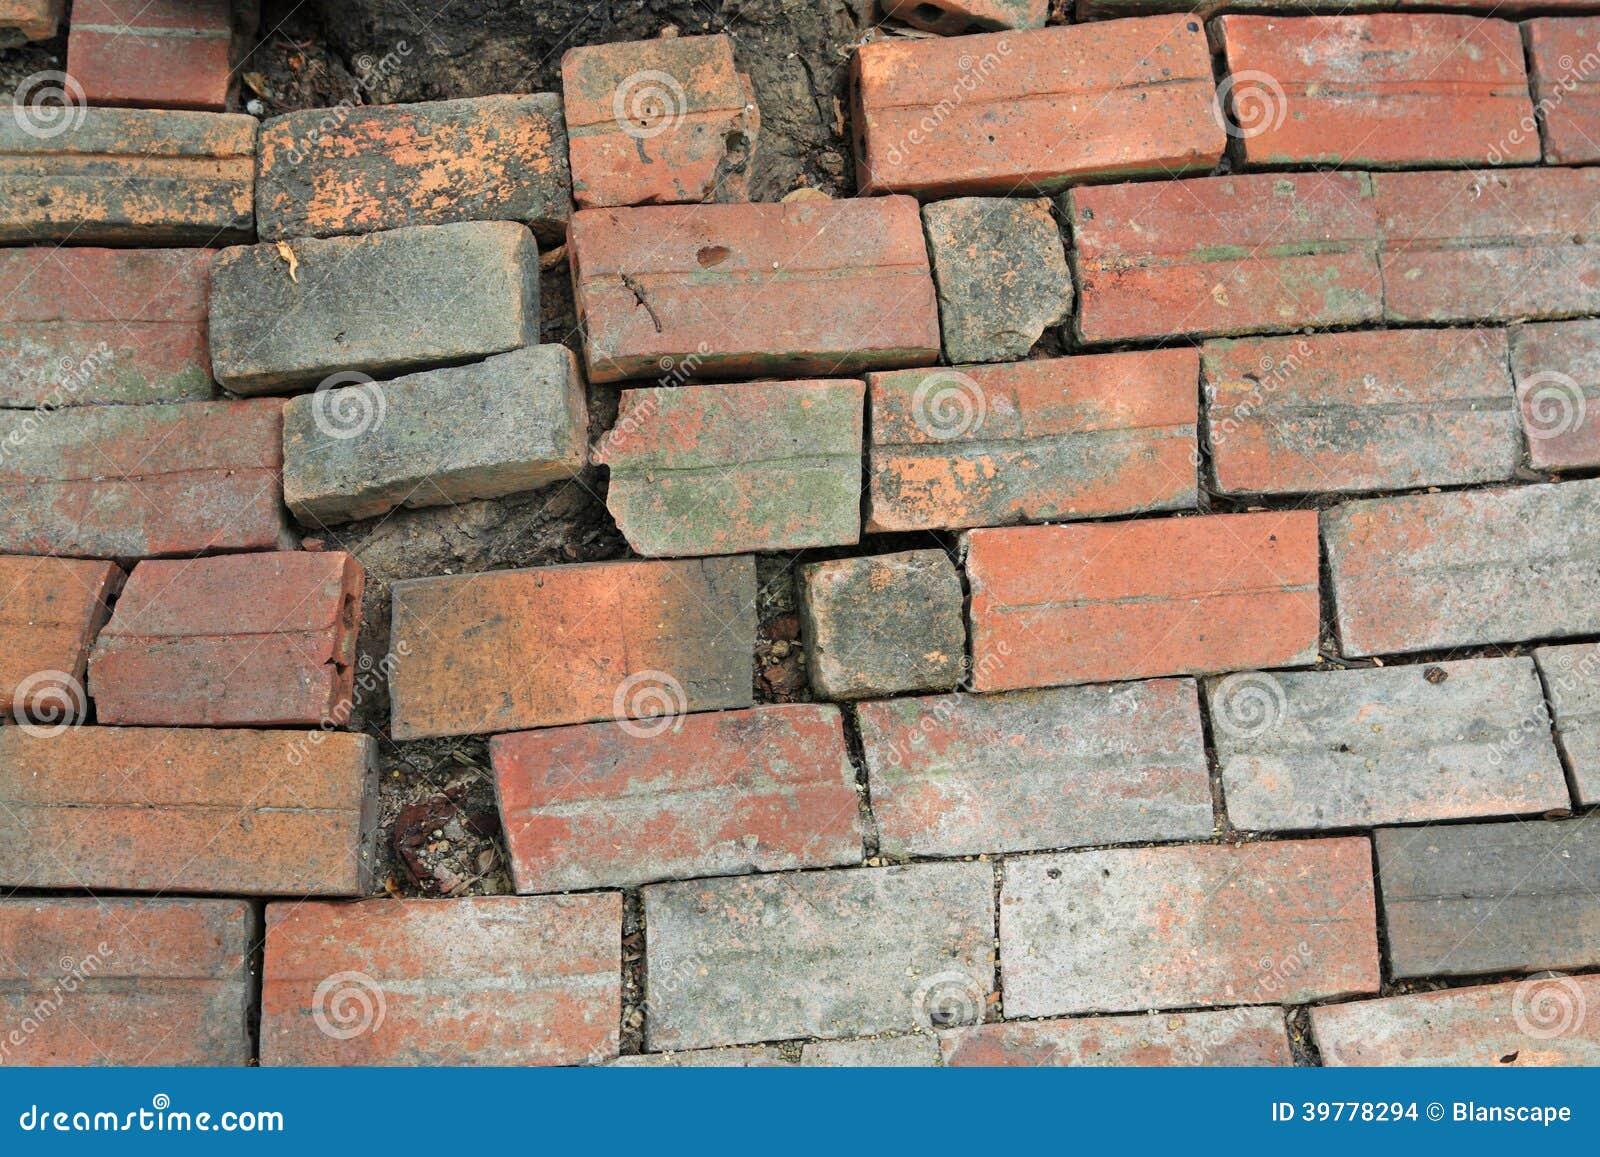 Fußbodenbelag  Alter Rauer Fußbodenbelag Des Roten Backsteins Stockfoto - Bild ...